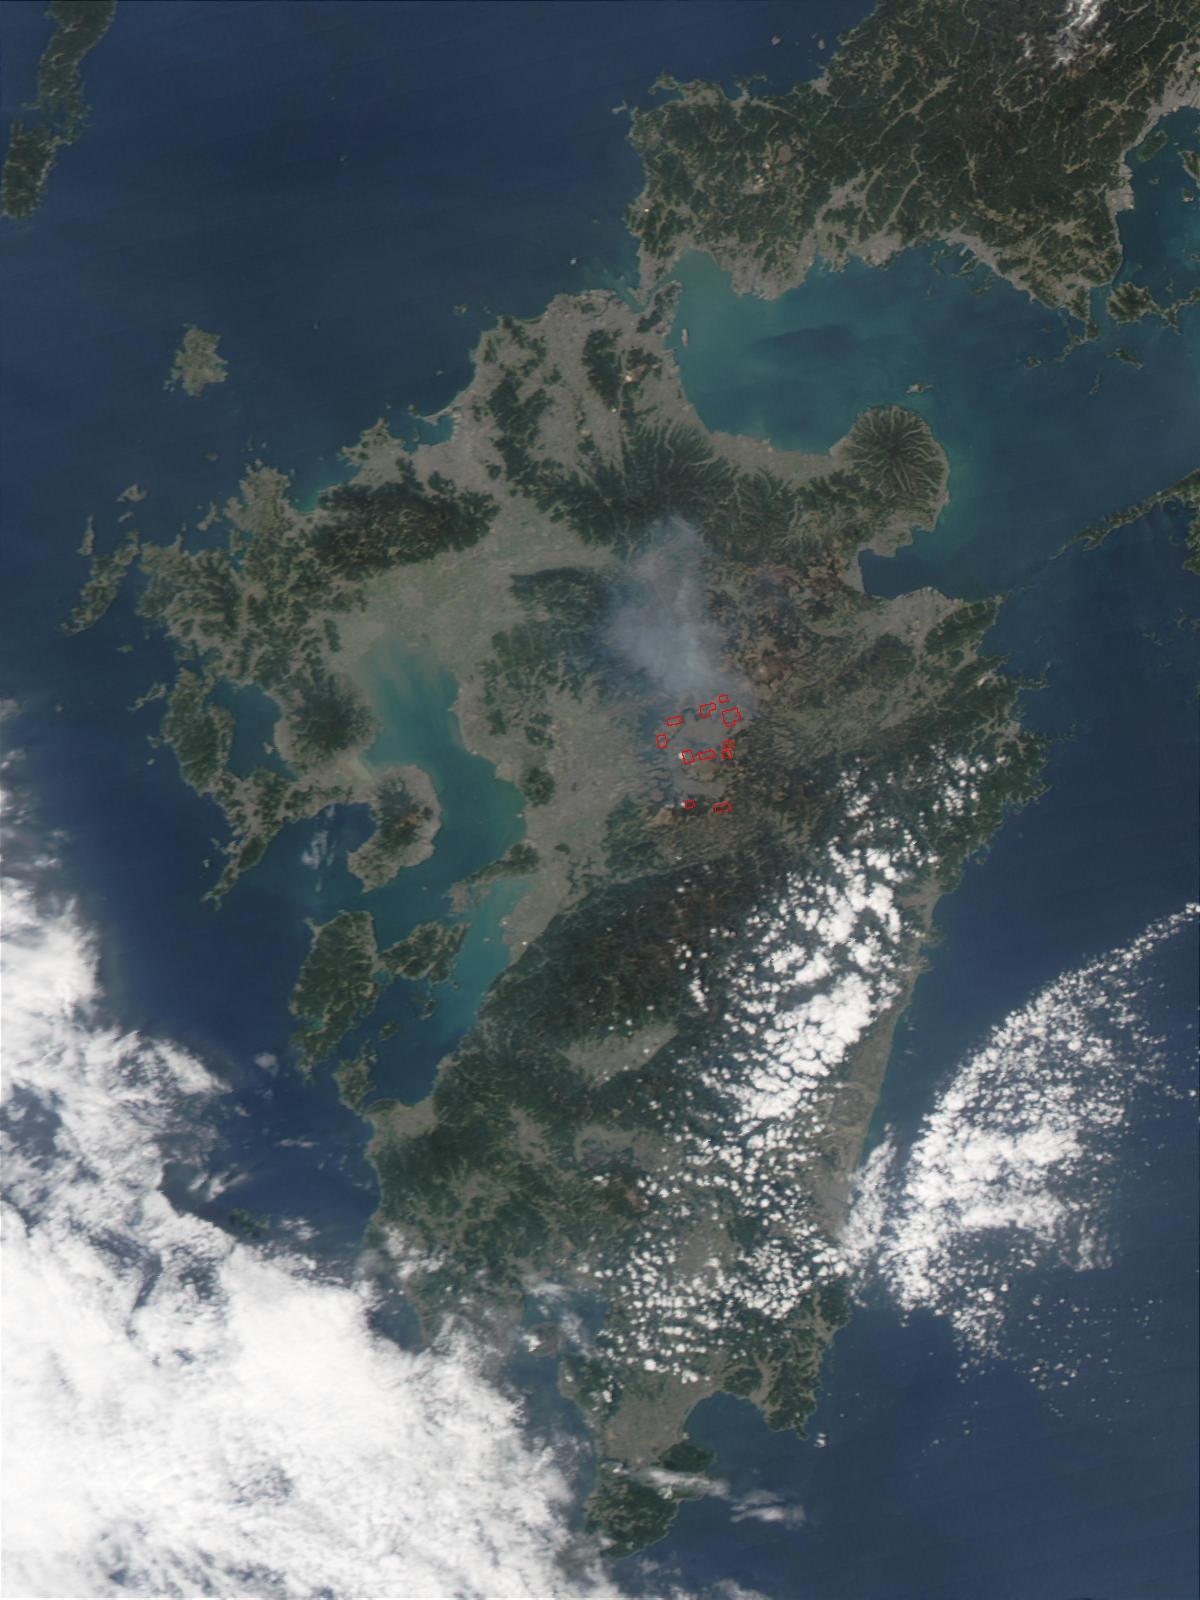 Incendios en la isla de Kyushu, Japón